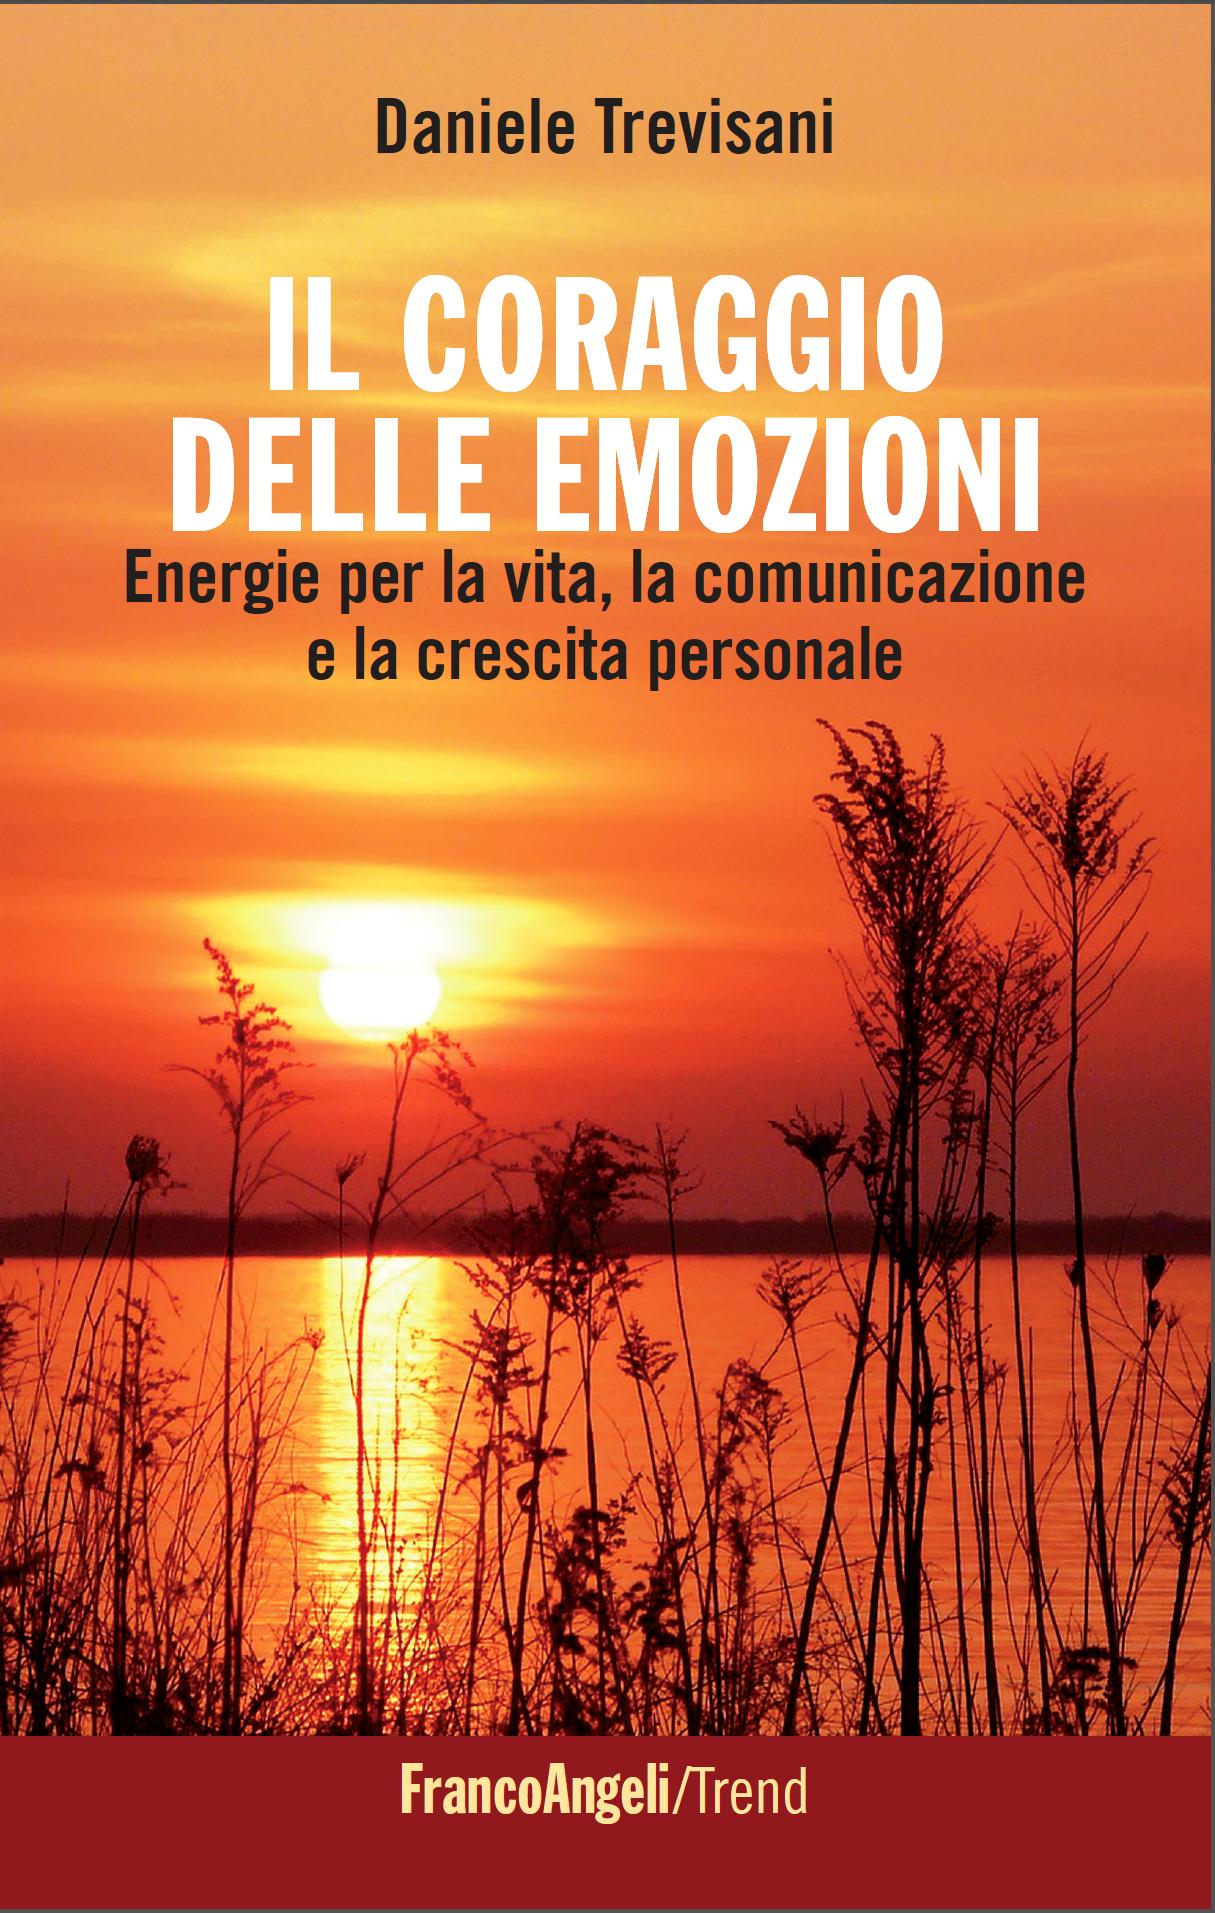 Il Coraggio delle Emozioni. Energie per la vita, la comunicazione e la crescita personale